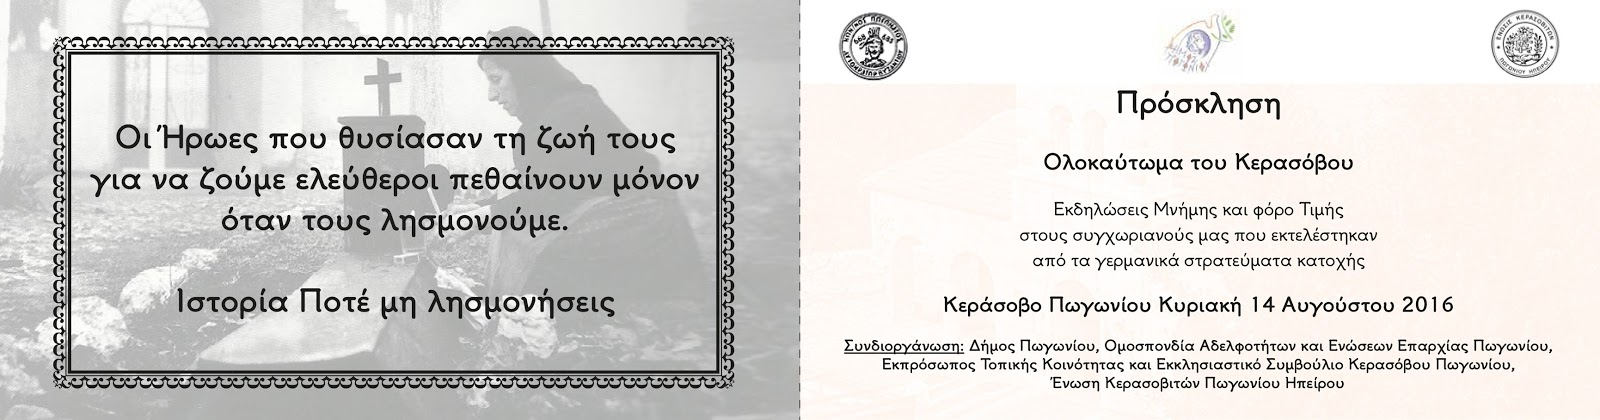 Εκδηλώσεις Μνήμης Για Το Ολοκαύτωμα Του Κερασόβου